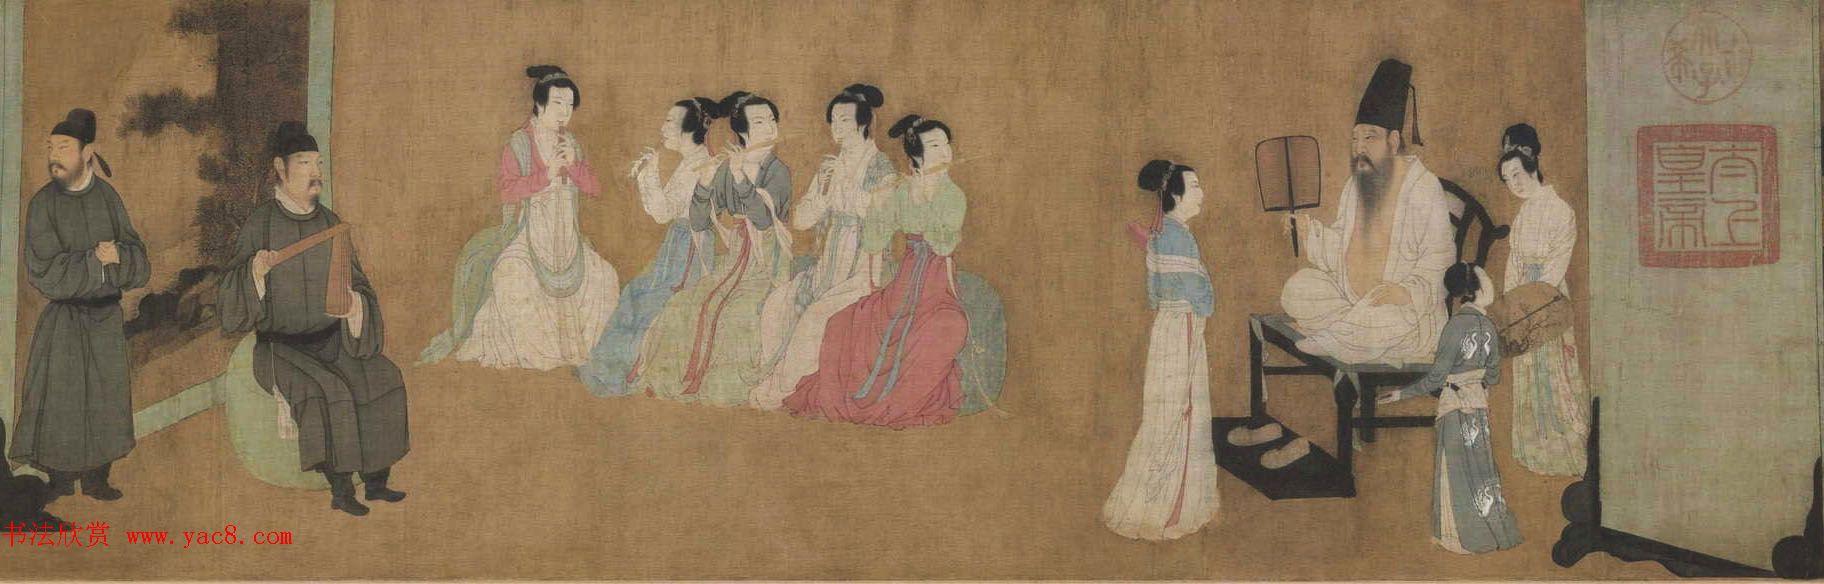 五代顾闳中人物画卷《韩熙载夜宴图》北京故宫博物院藏